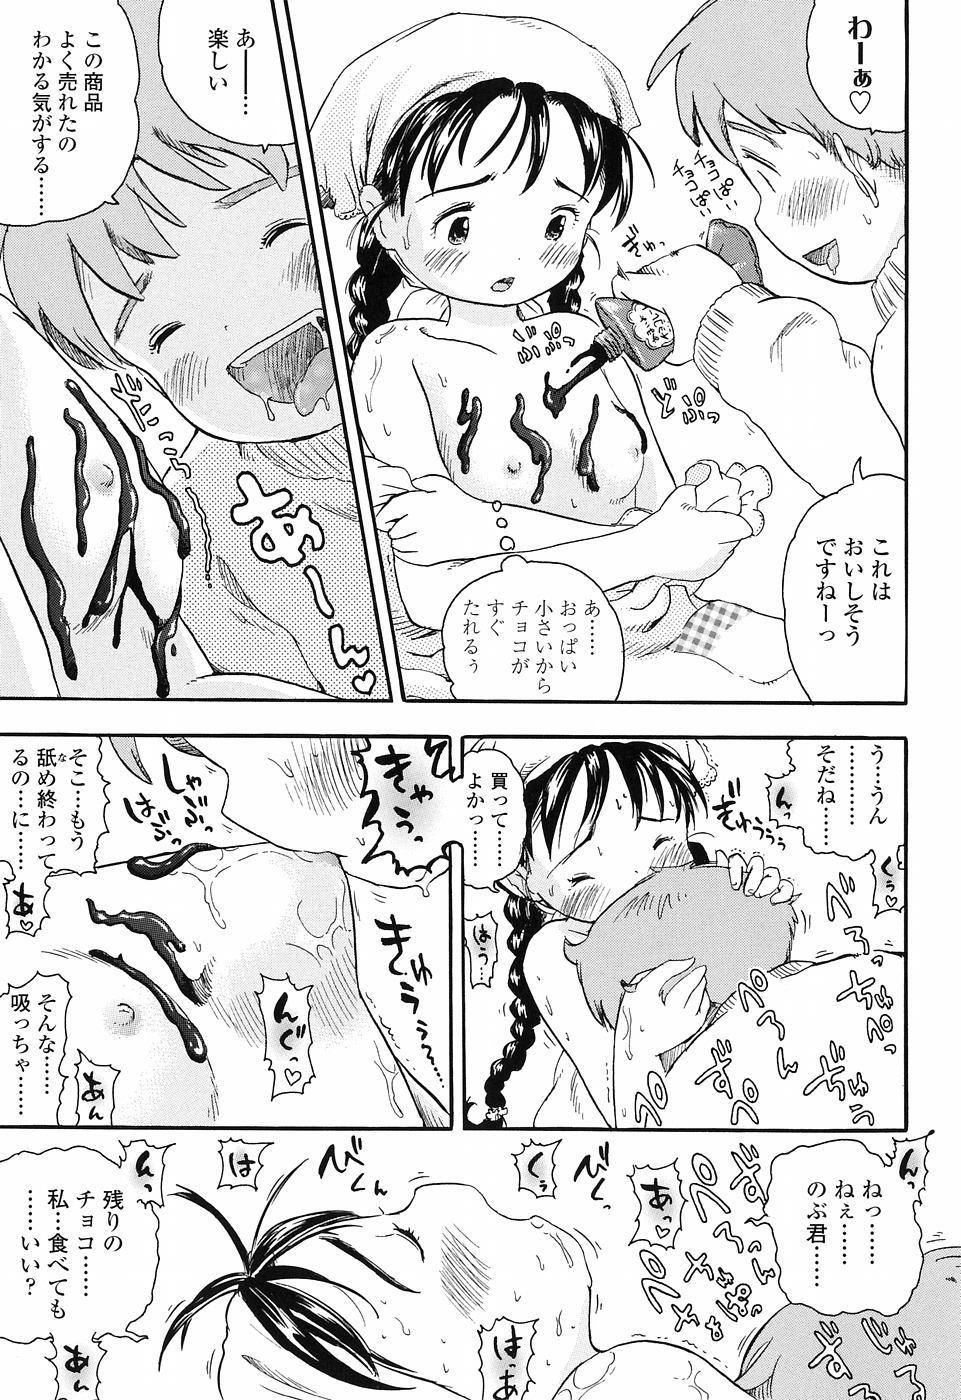 Koisuru Fukurami 114